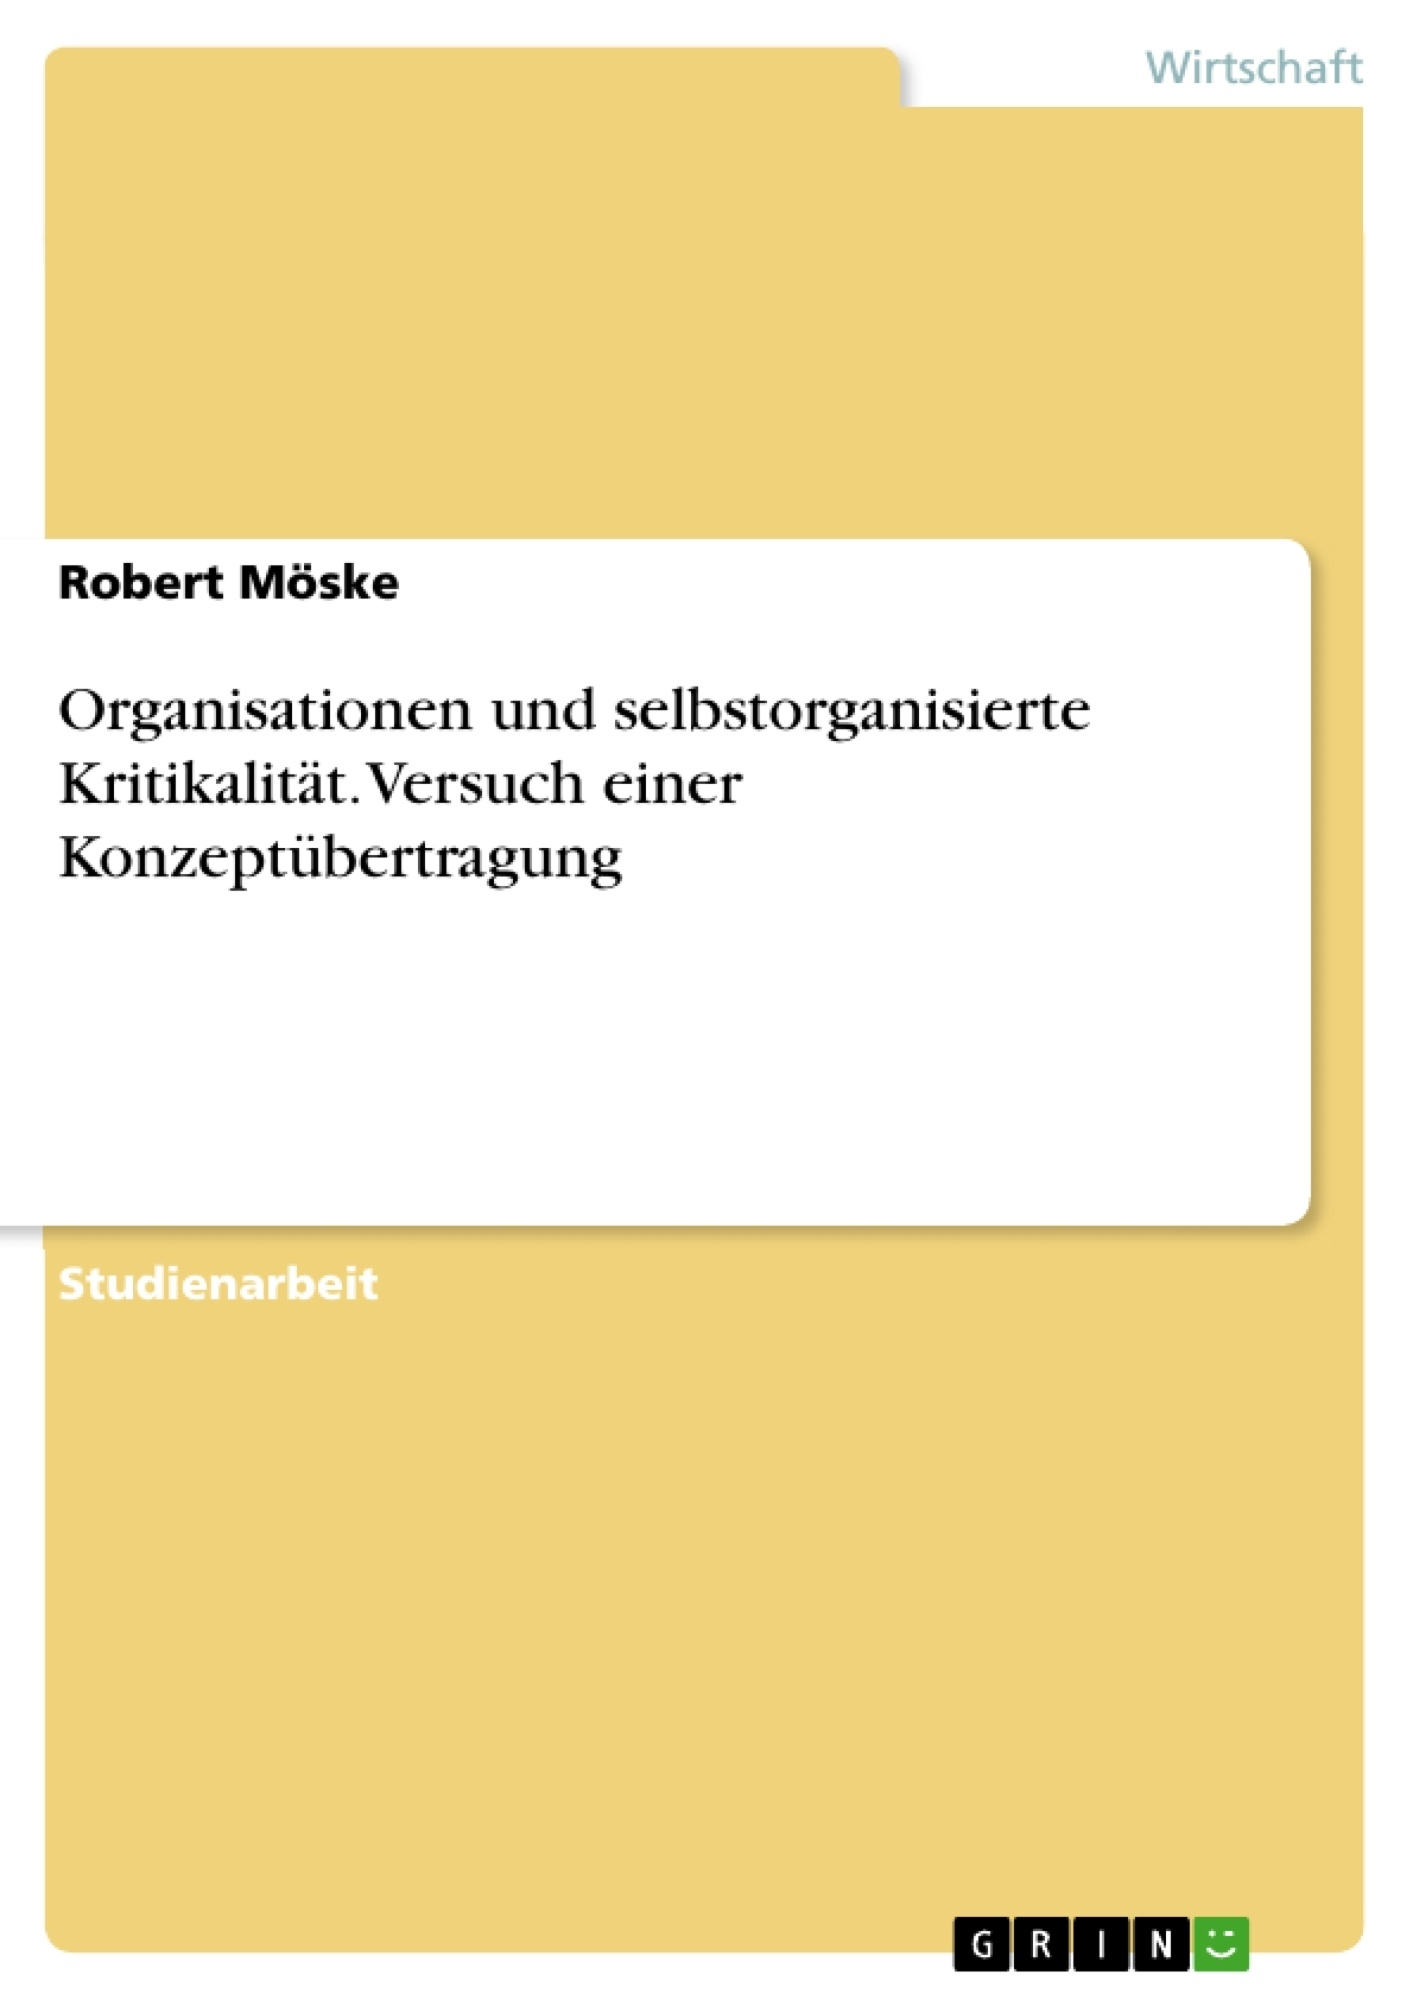 Titel: Organisationen und selbstorganisierte Kritikalität. Versuch einer Konzeptübertragung